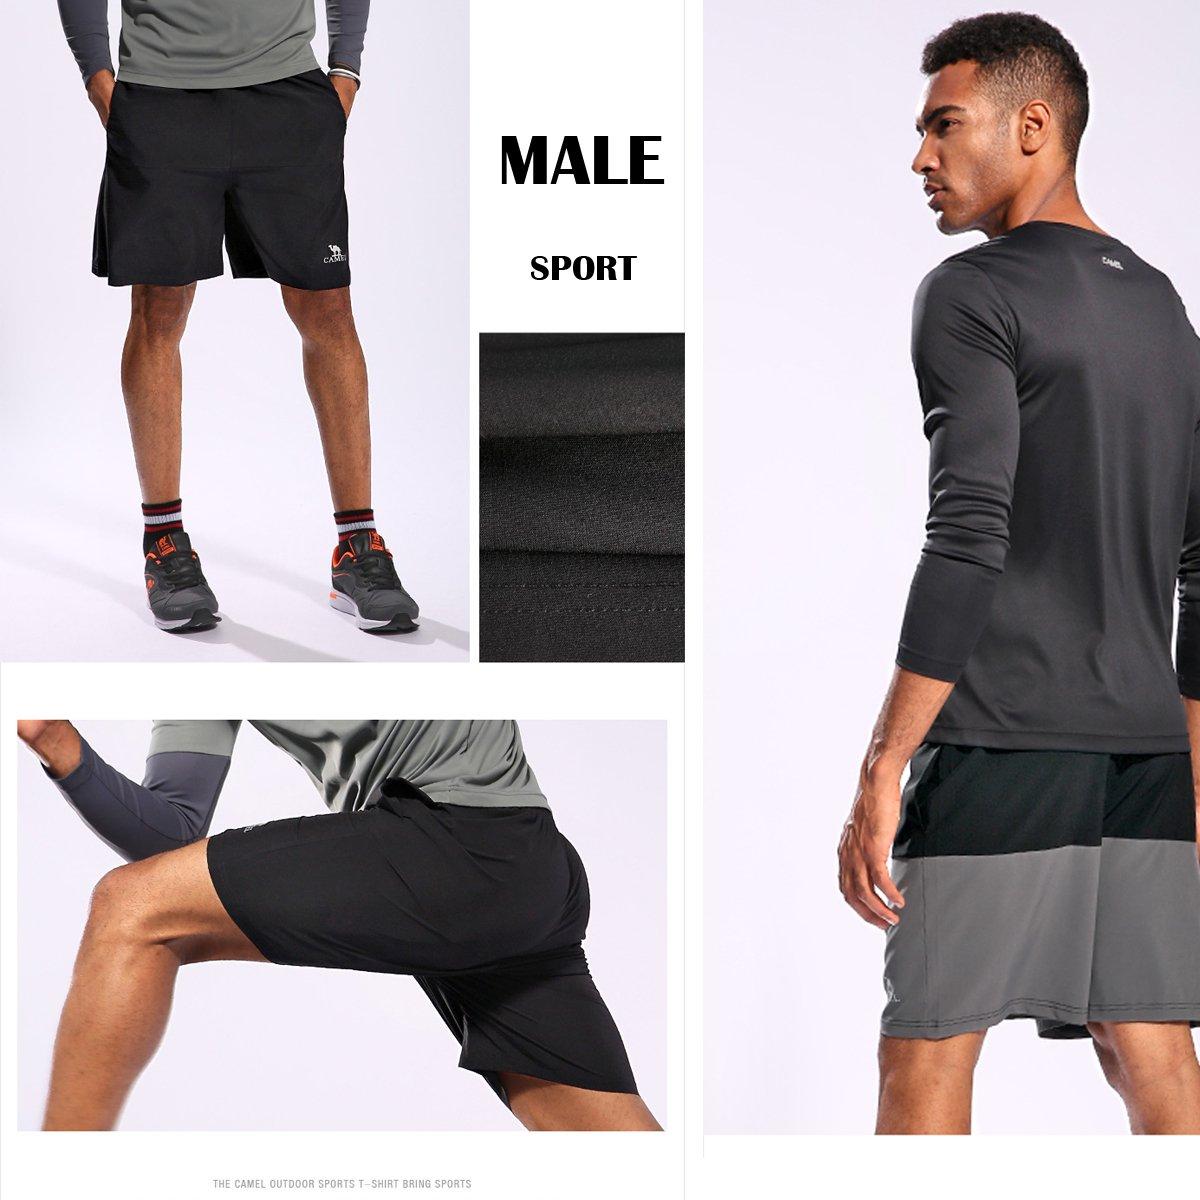 Camel Pantalones Cortos para Hombres Corriendo Pantalones de Entrenamiento de Gimnasio de Secado rápido Cortos atléticos Respirables equipados